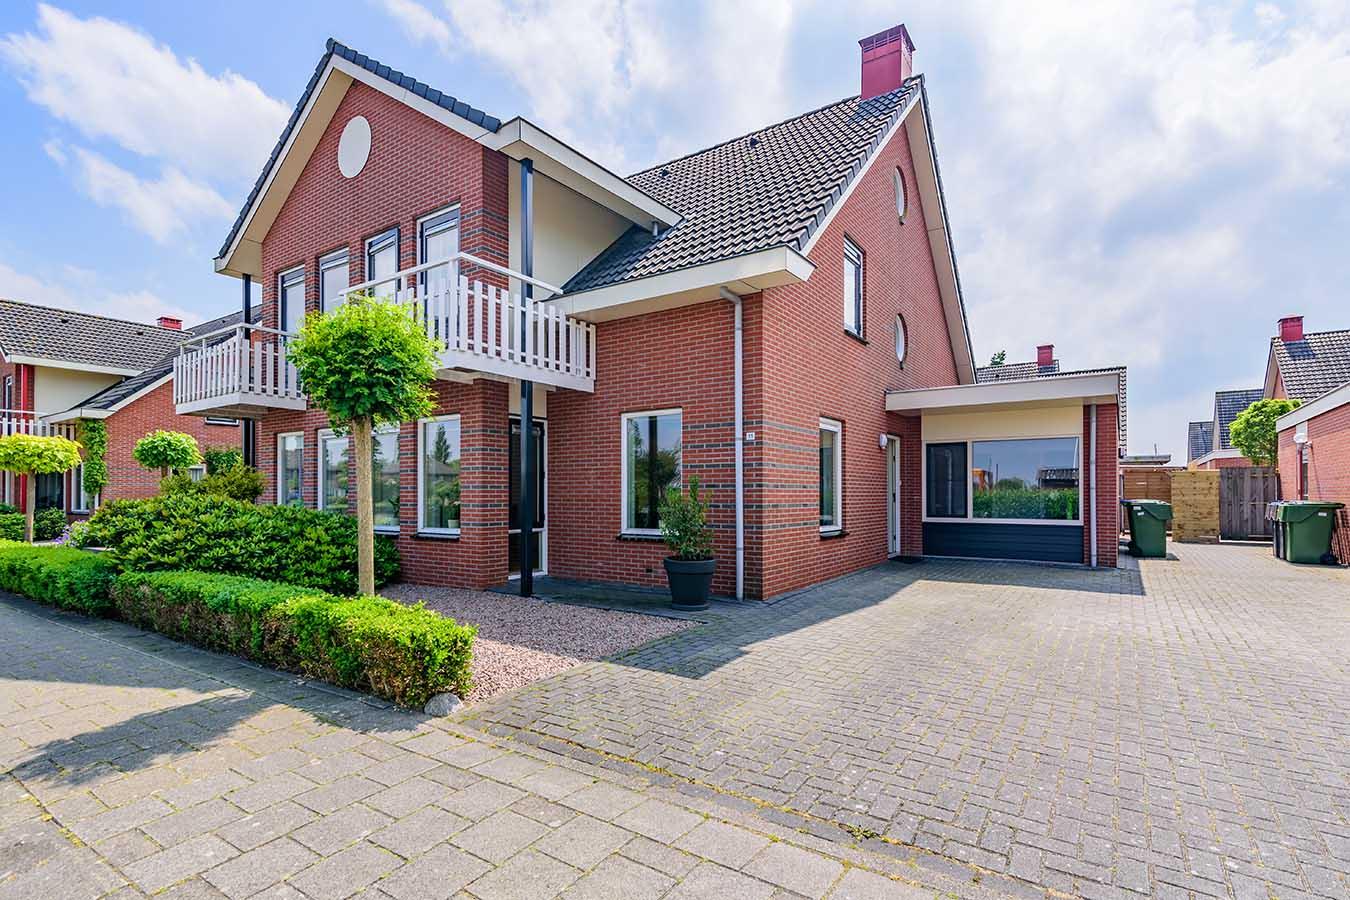 vrijstaand wonen in friesland